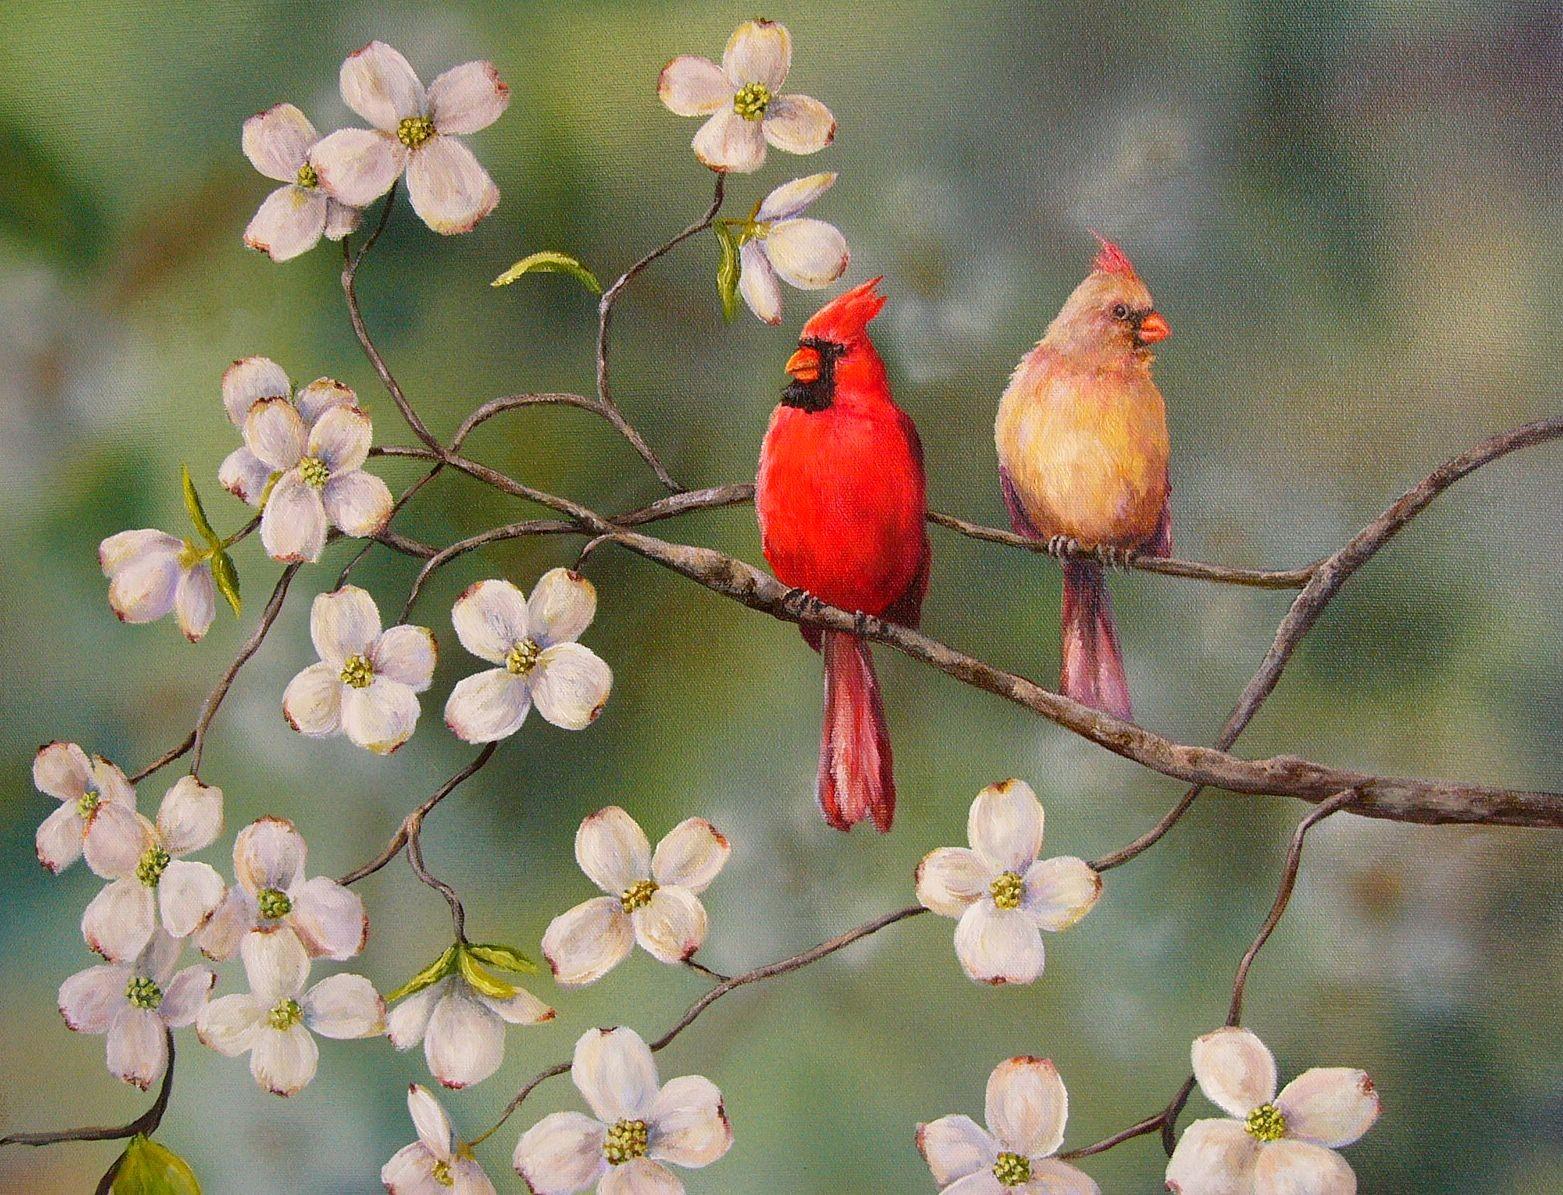 cardinalscardinal birdflying cardinalsweet cardinalsred cardinal 1563x1195